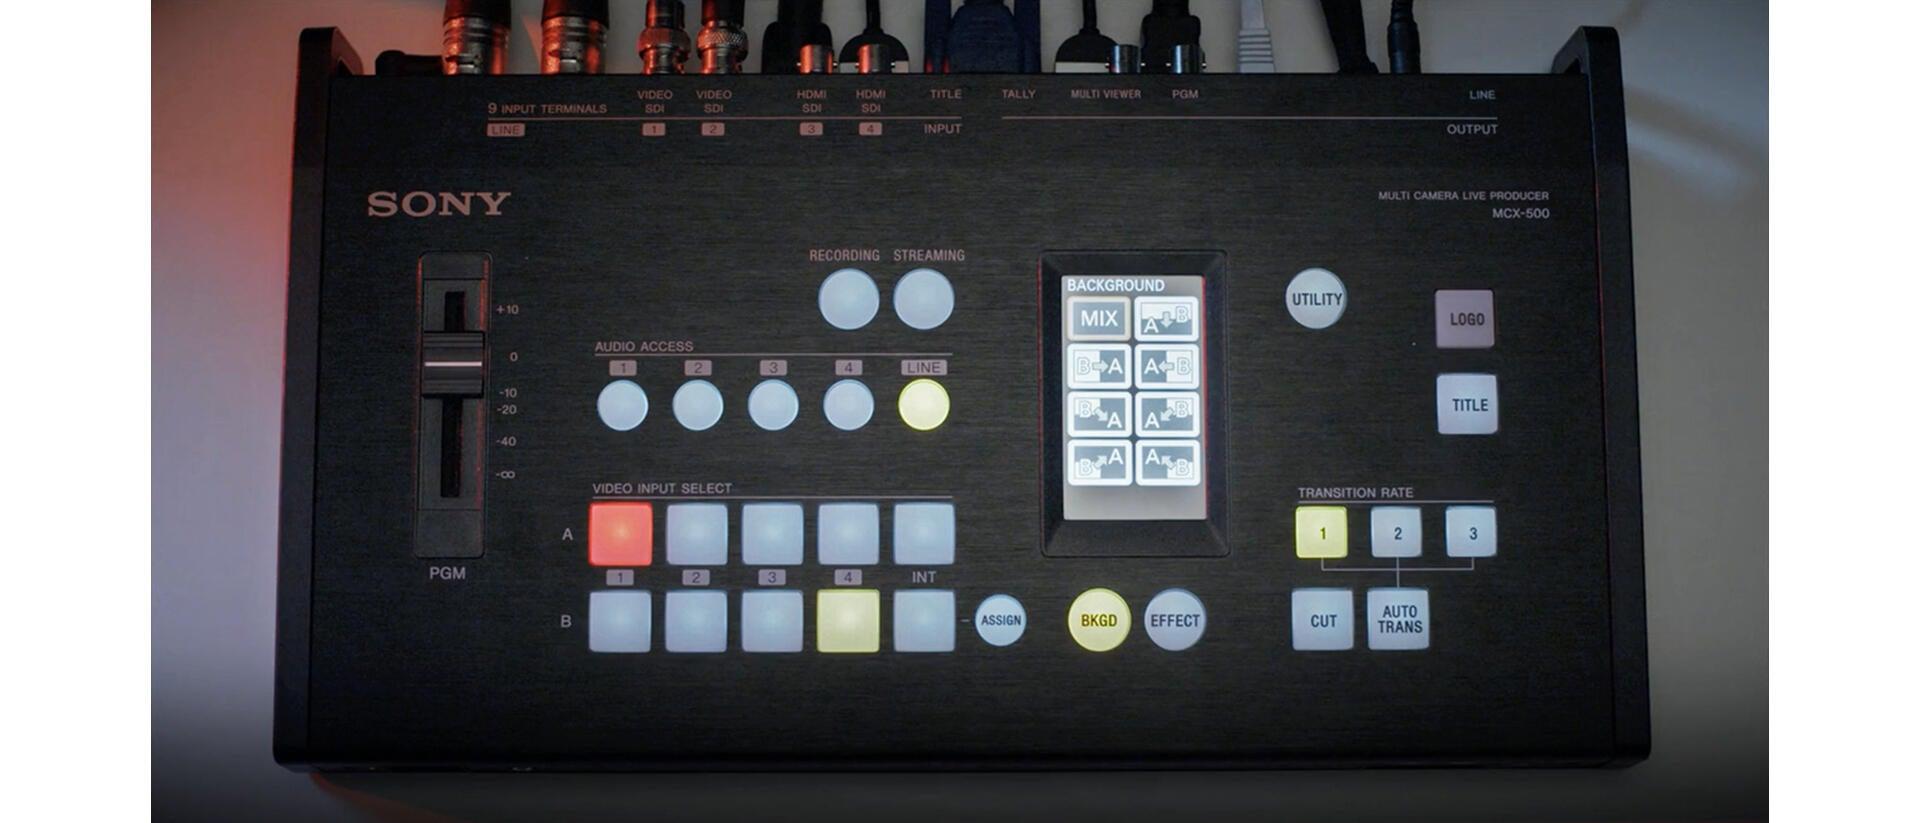 Switcher-1920-2.jpg